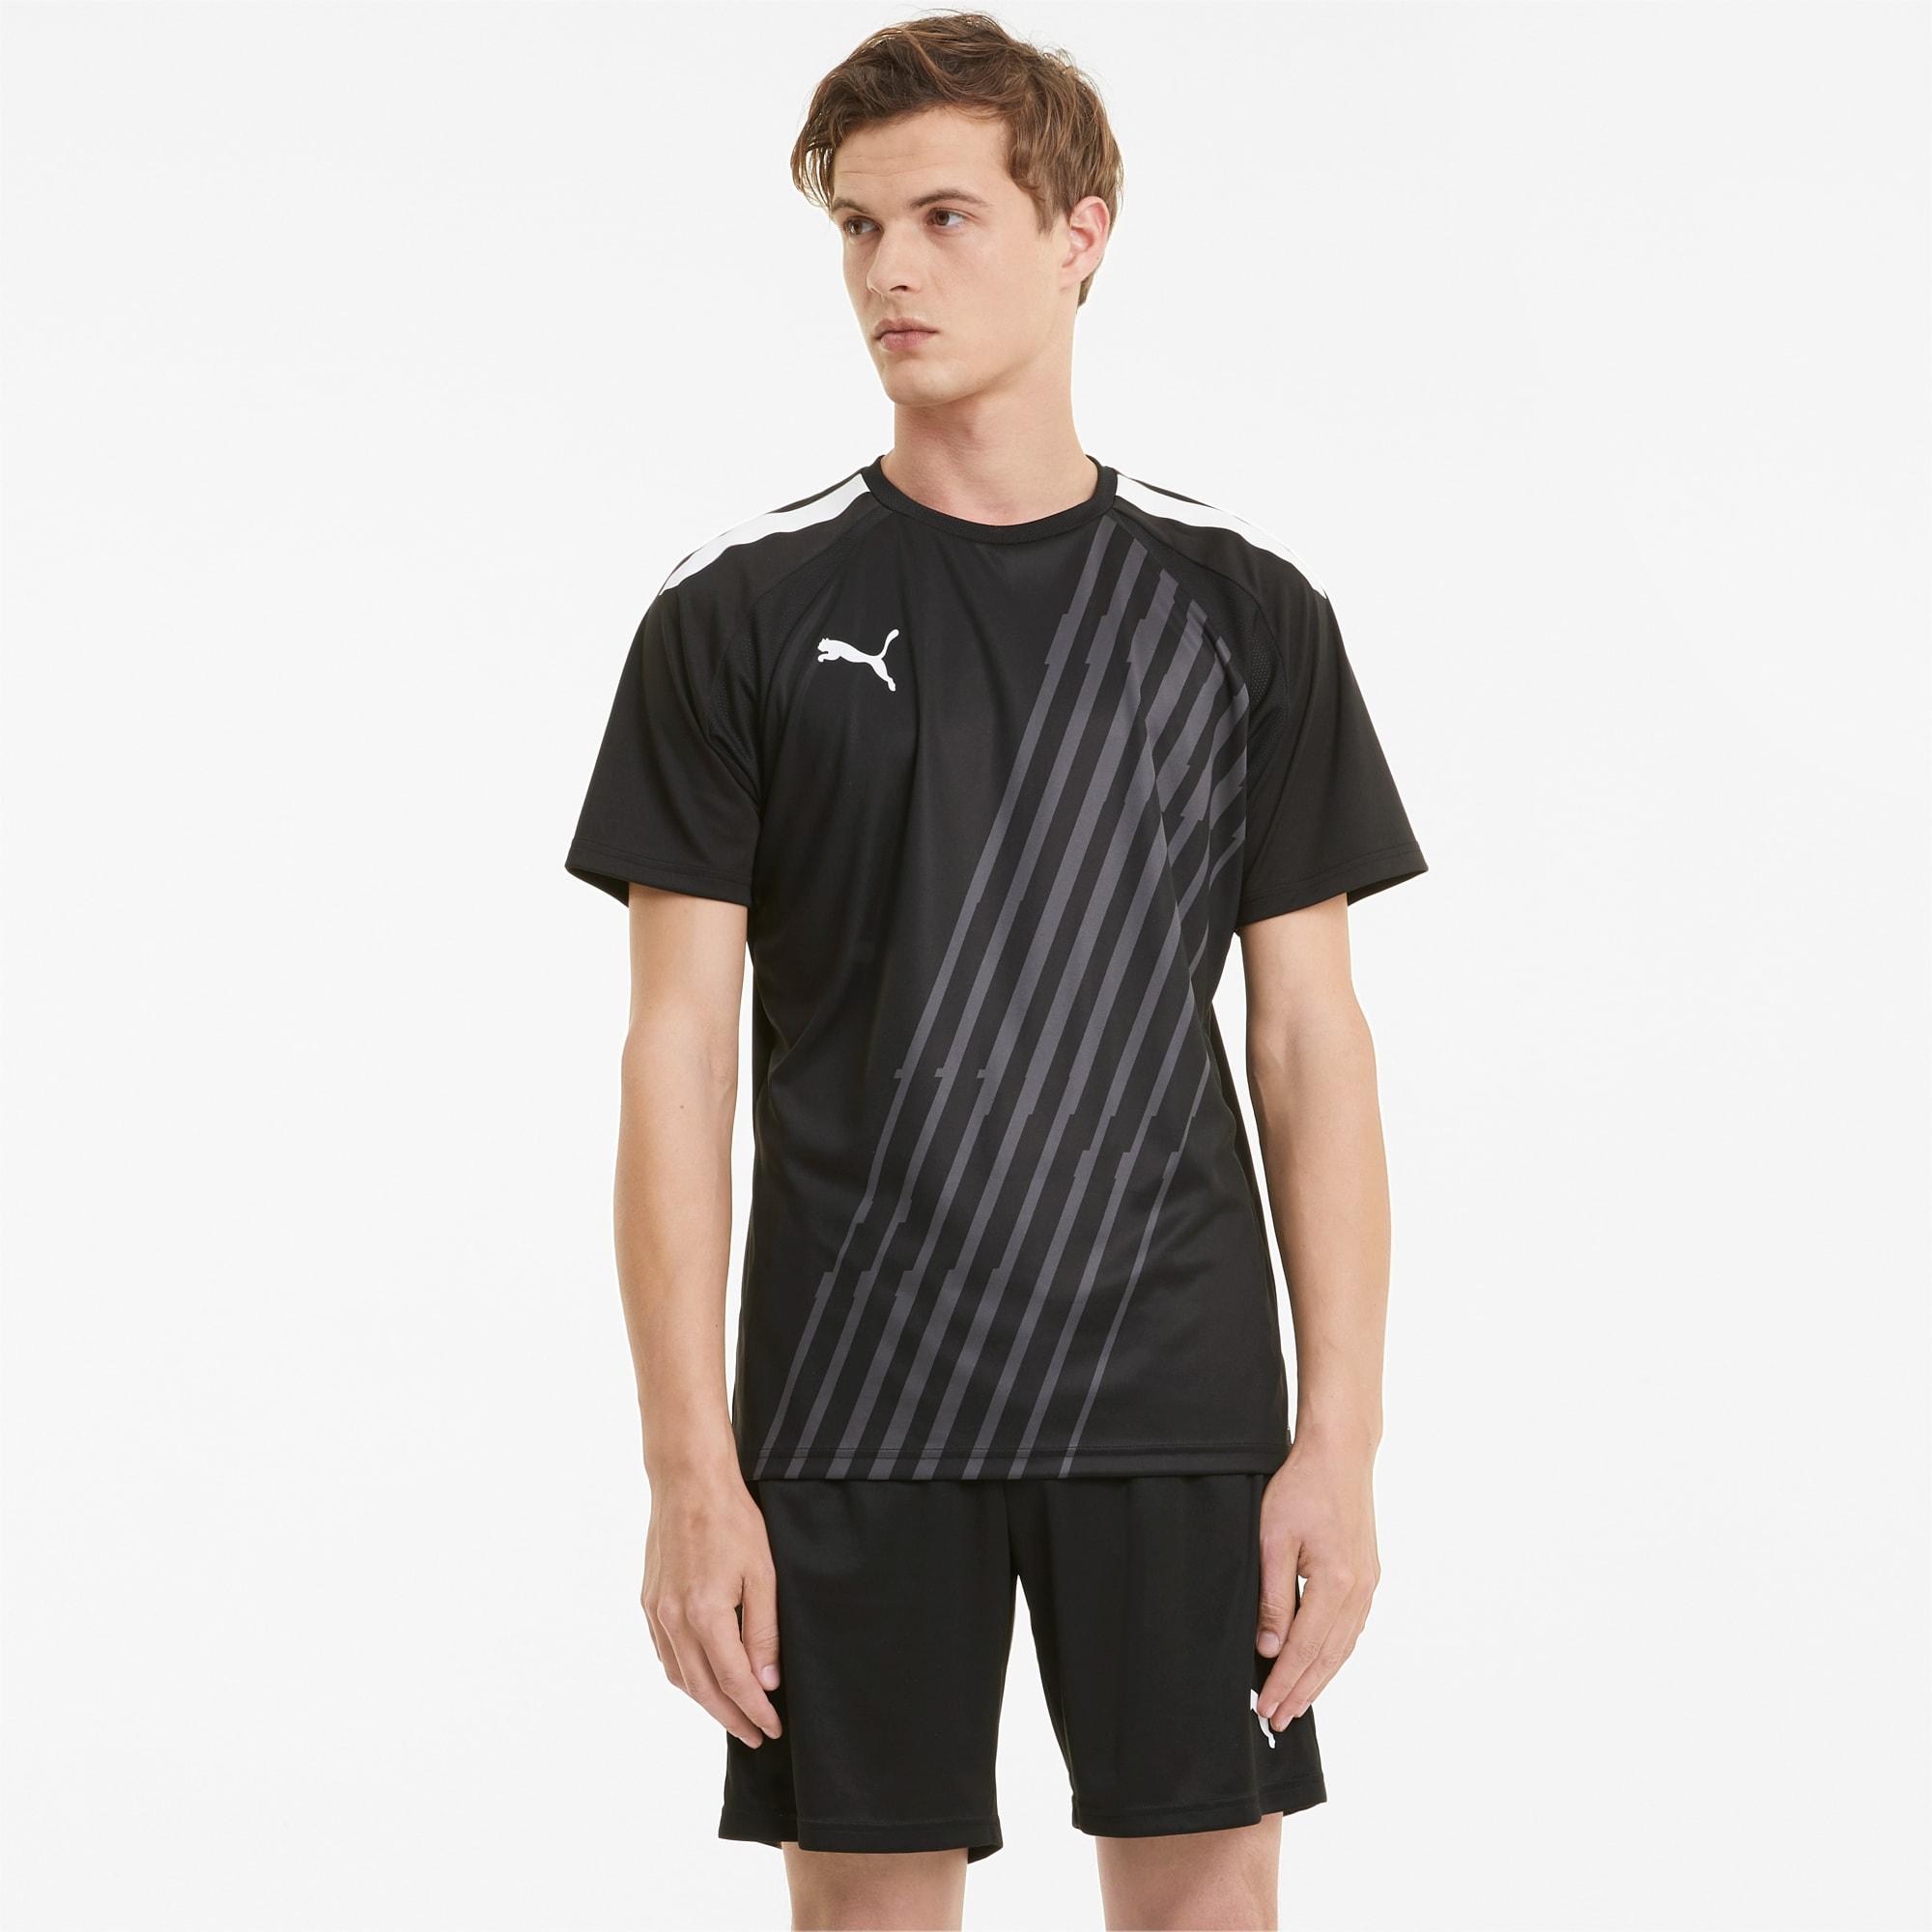 teamLIGA Graphic Men's Soccer Jersey